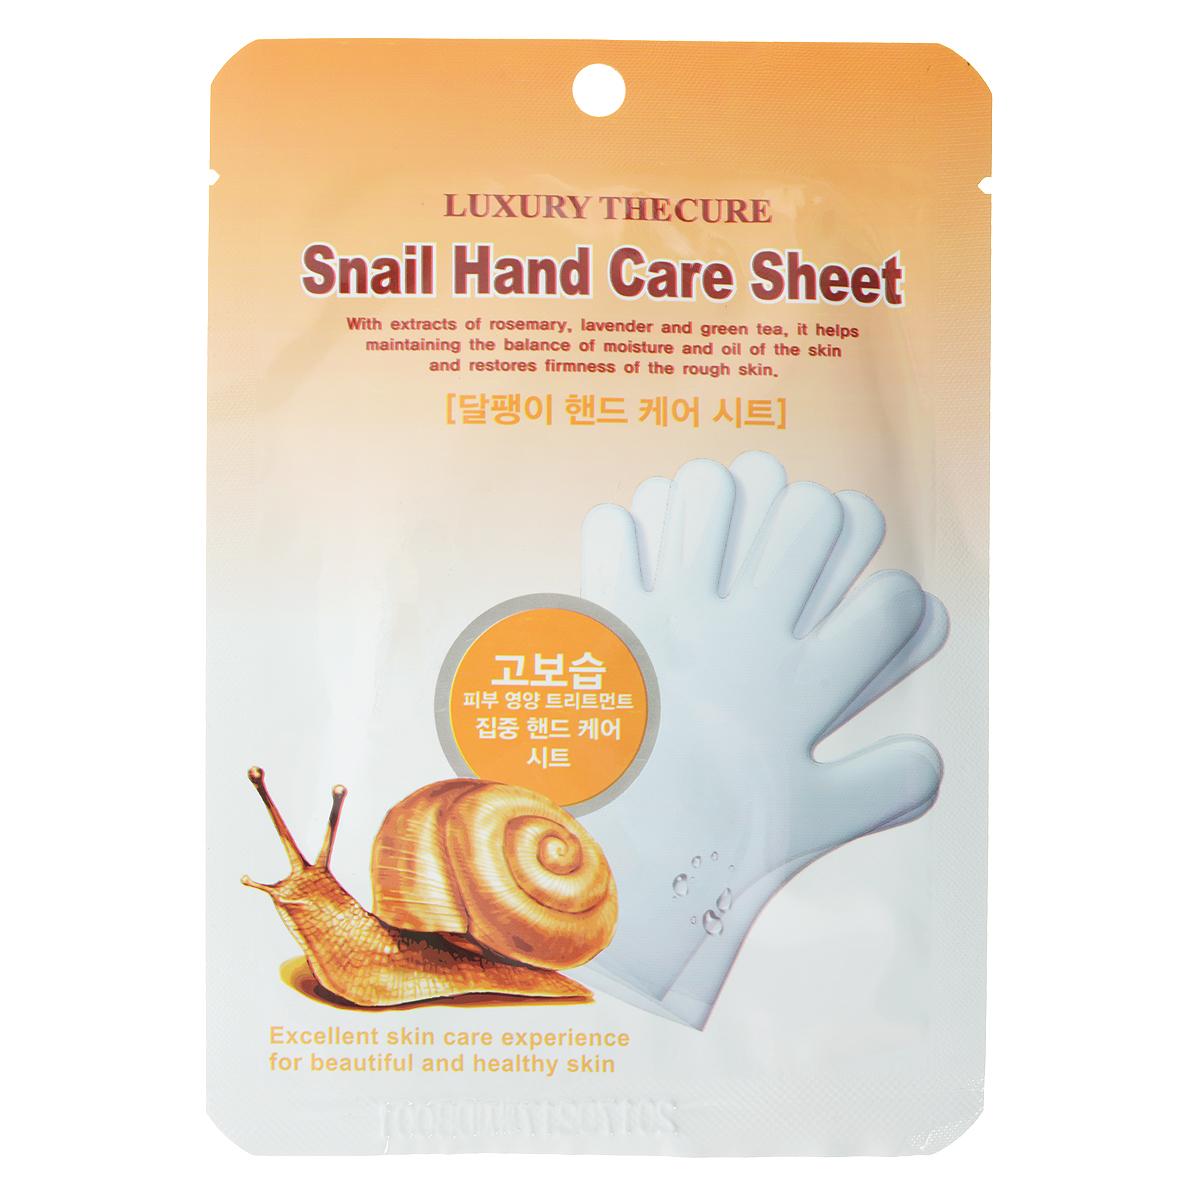 LS Cosmetic Маска-перчатки для рук с Улиткой, 8г х 2 шт